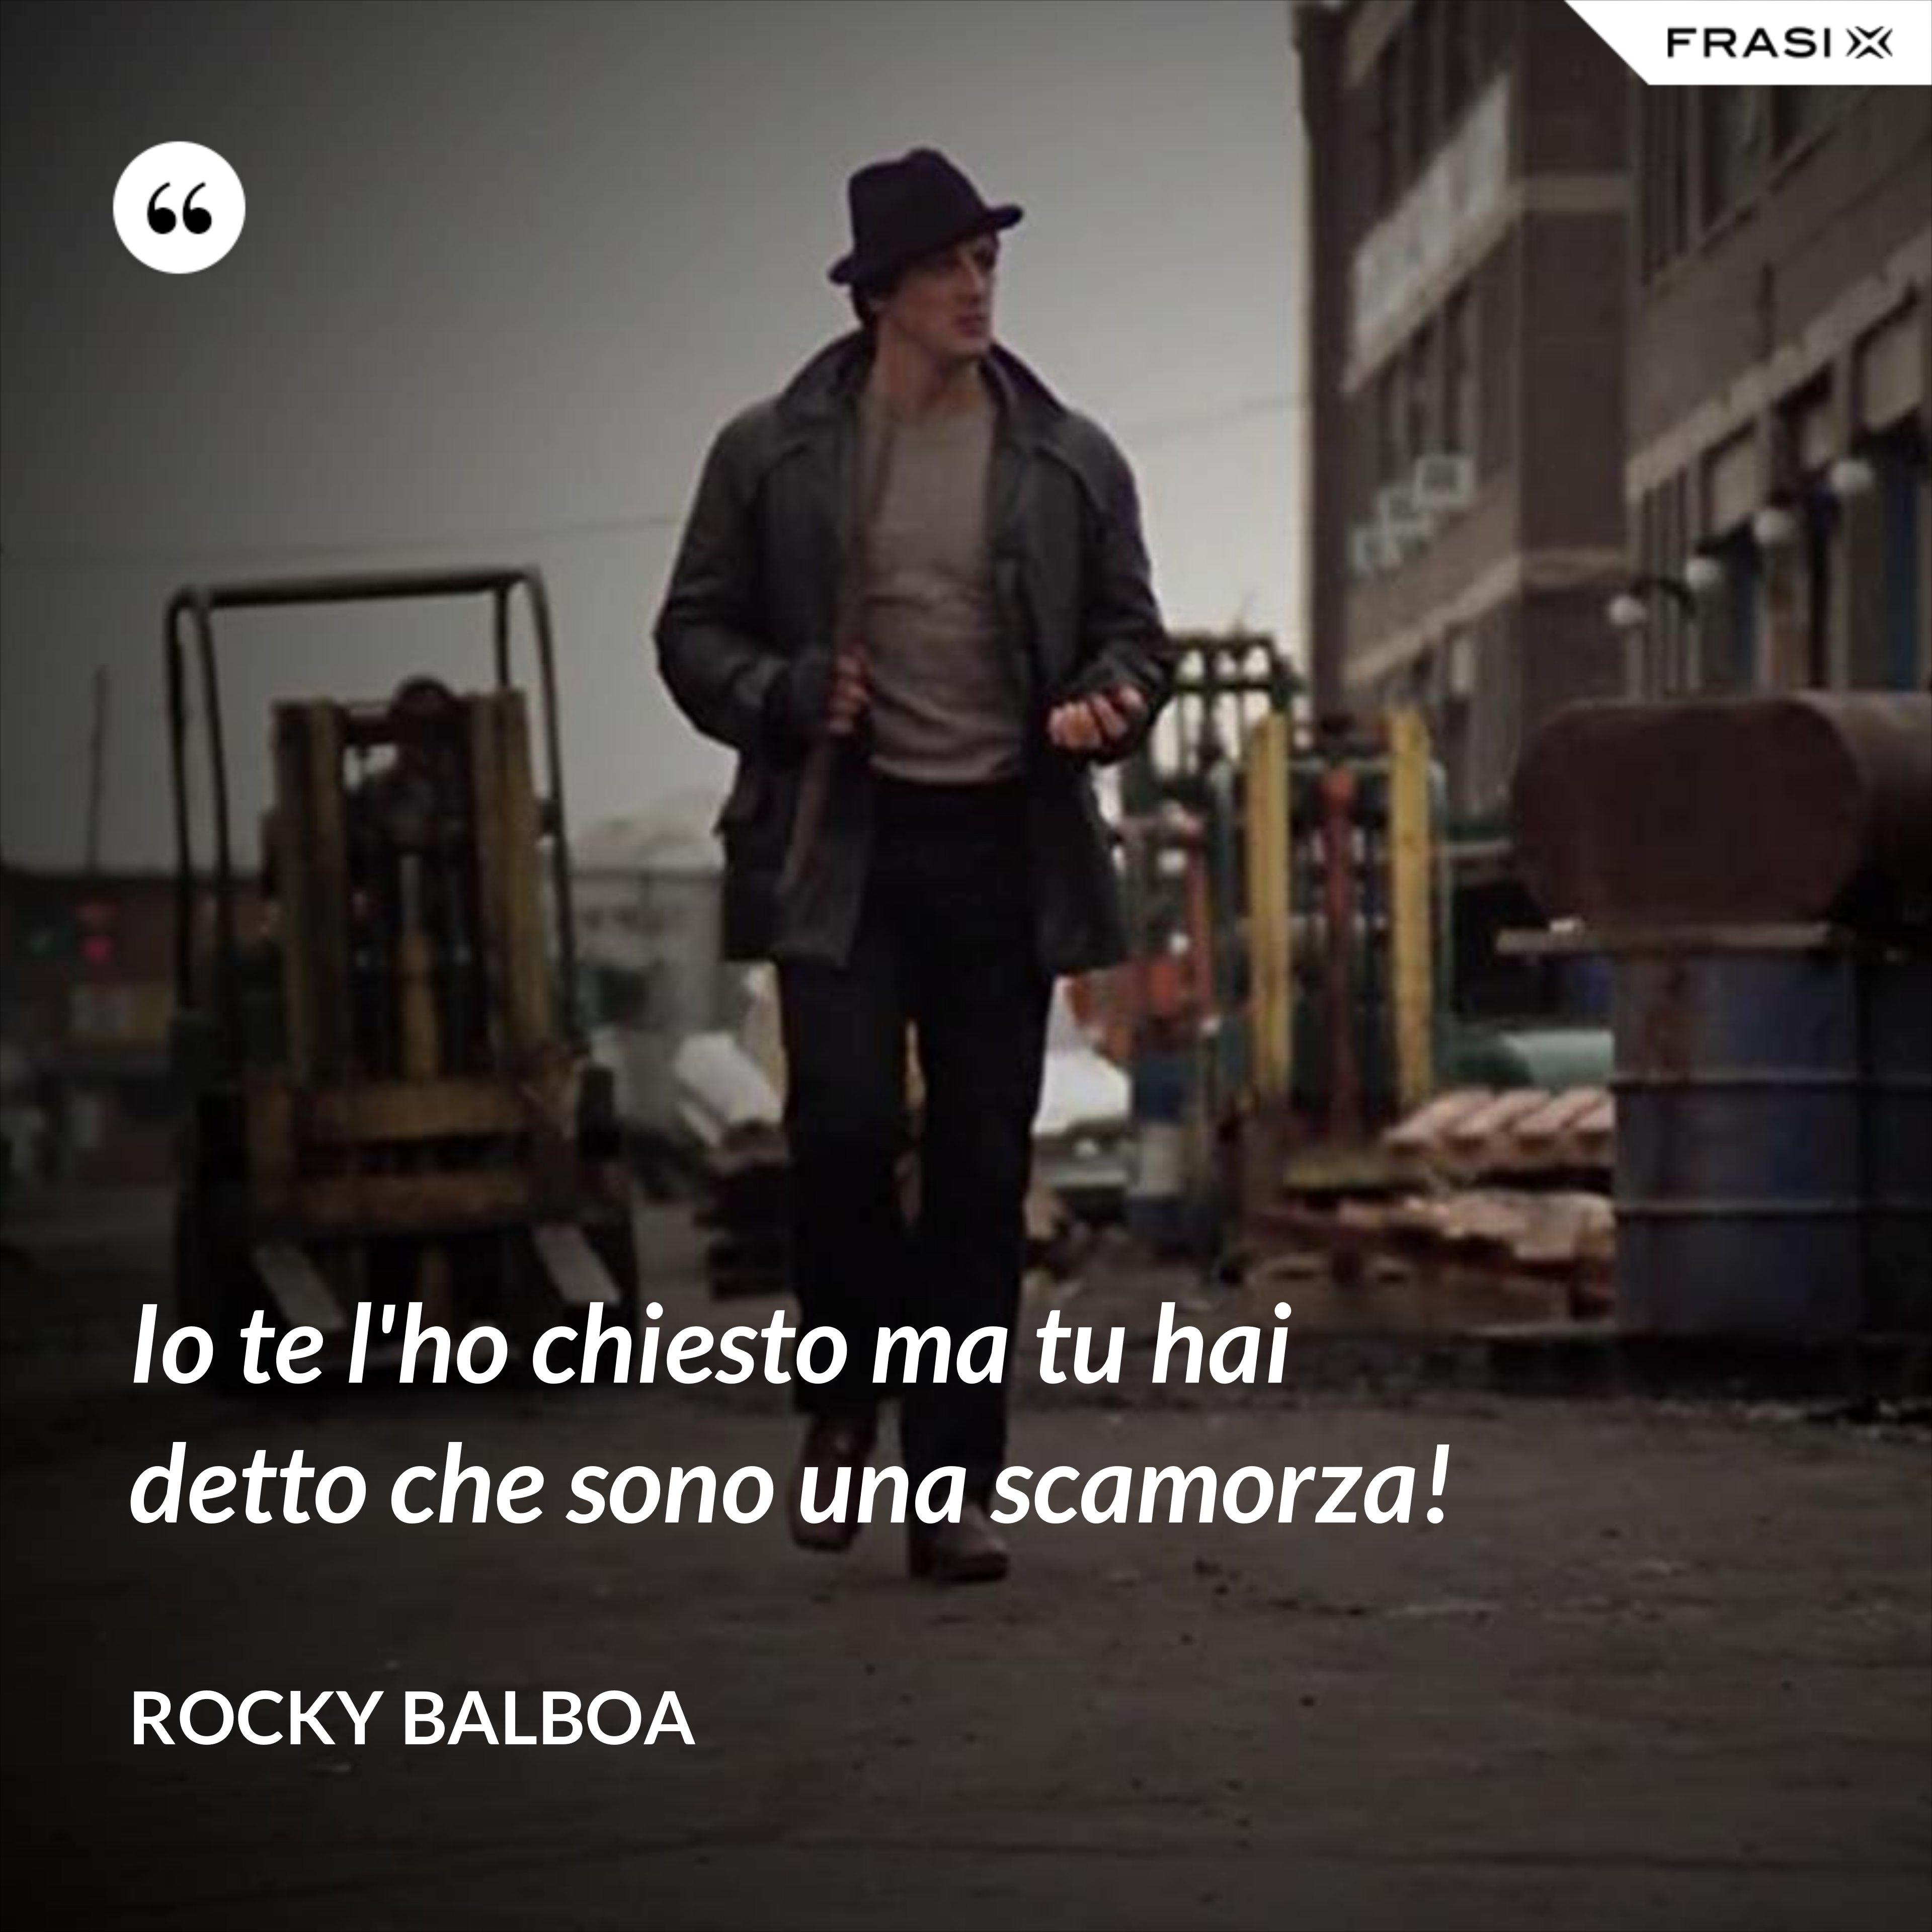 Io te l'ho chiesto ma tu hai detto che sono una scamorza! - Rocky Balboa